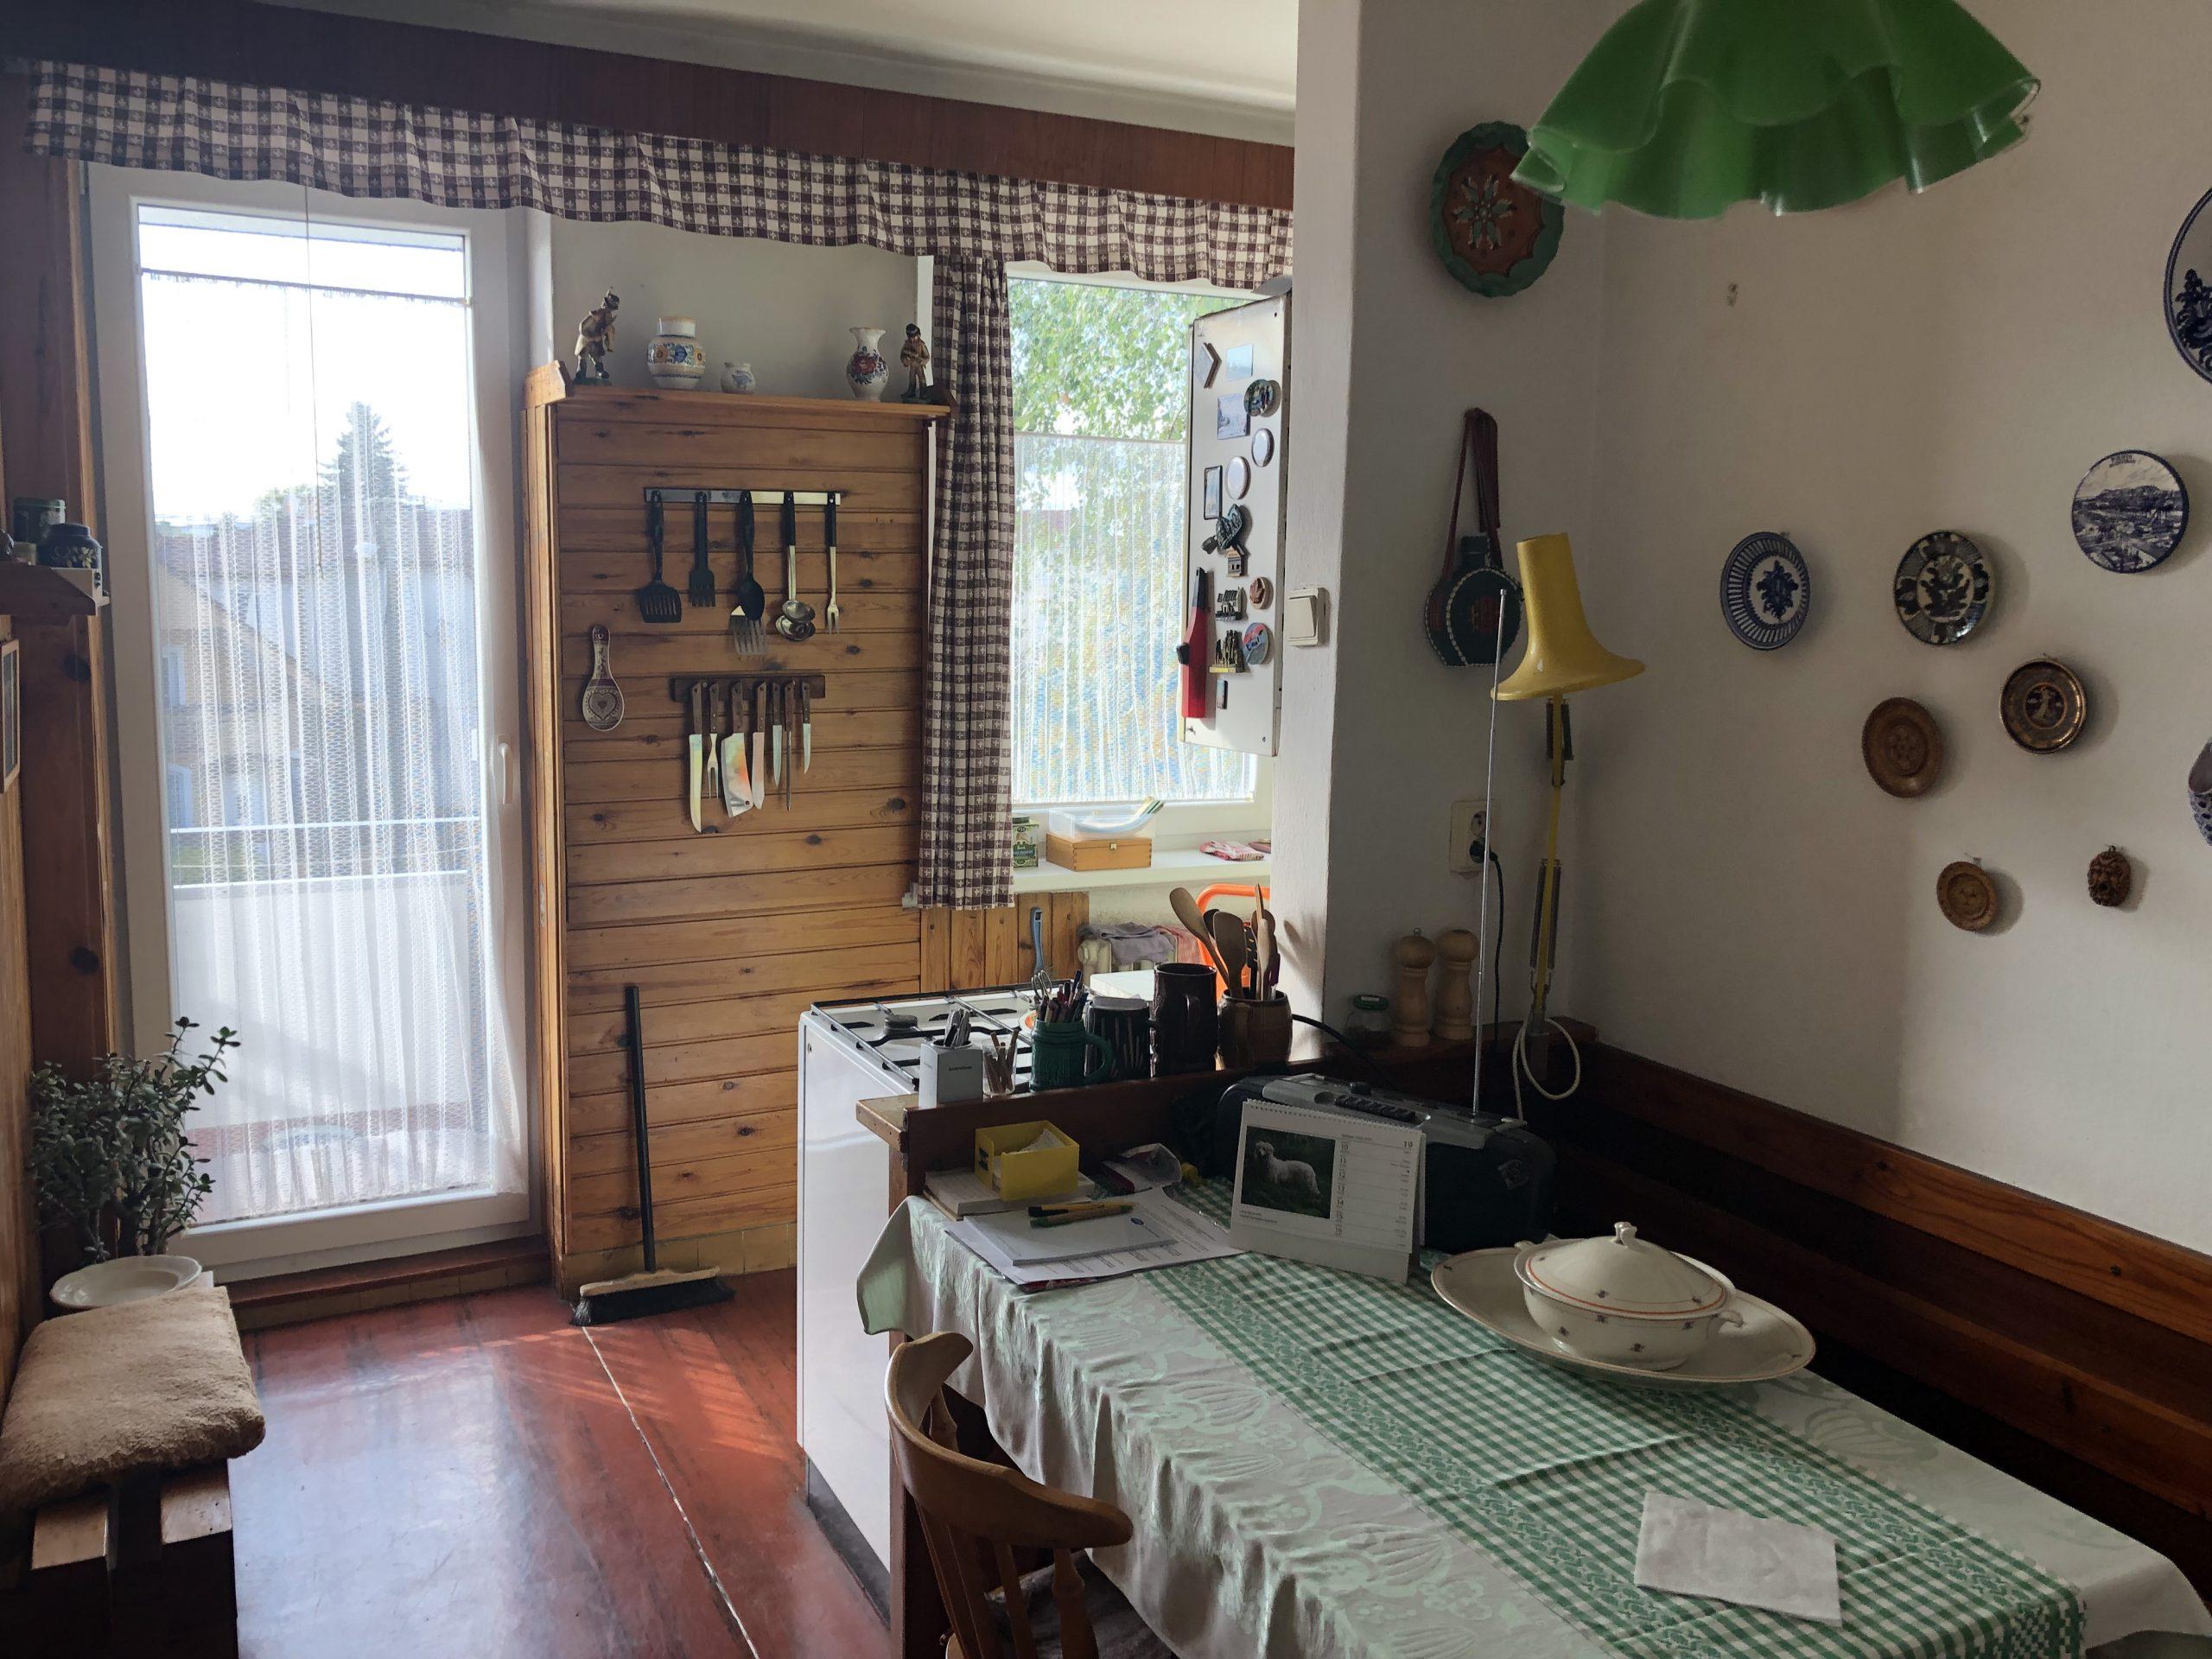 EXKLUZÍVNE na predaj priestranný 3 izbový byt s 2 balkónmi v lukratívnej časti Piešťan